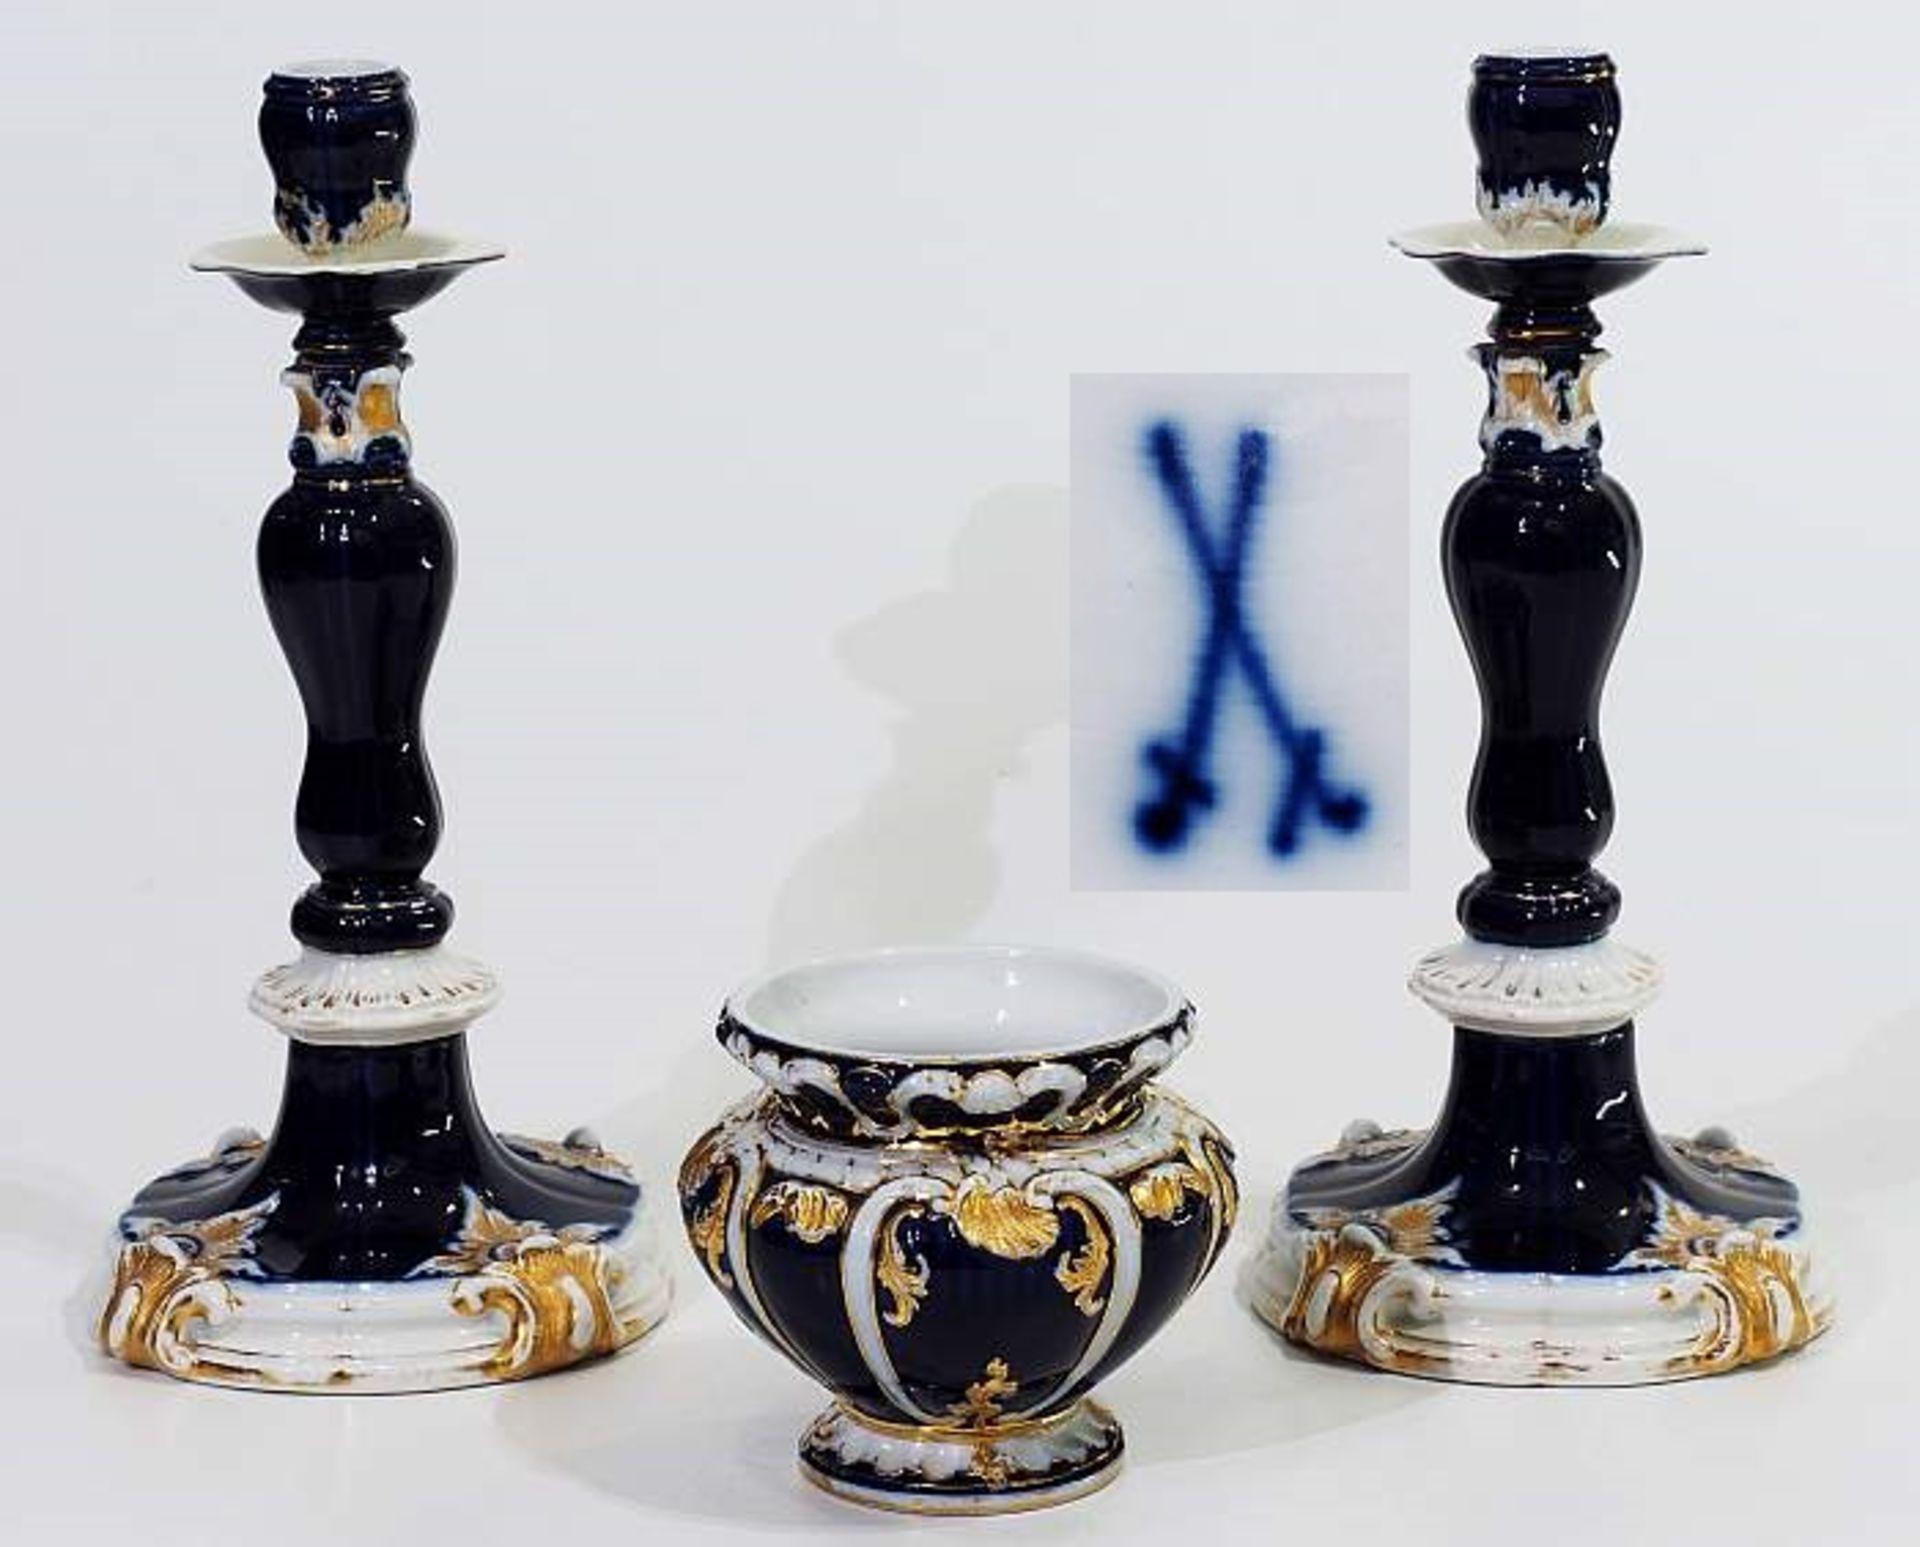 Prunk-Kerzenleuchter-Paar. MEISSEN um 1880. Prunk-Kerzenleuchter-Paar. MEISSEN um 1880, Modell Nr. B